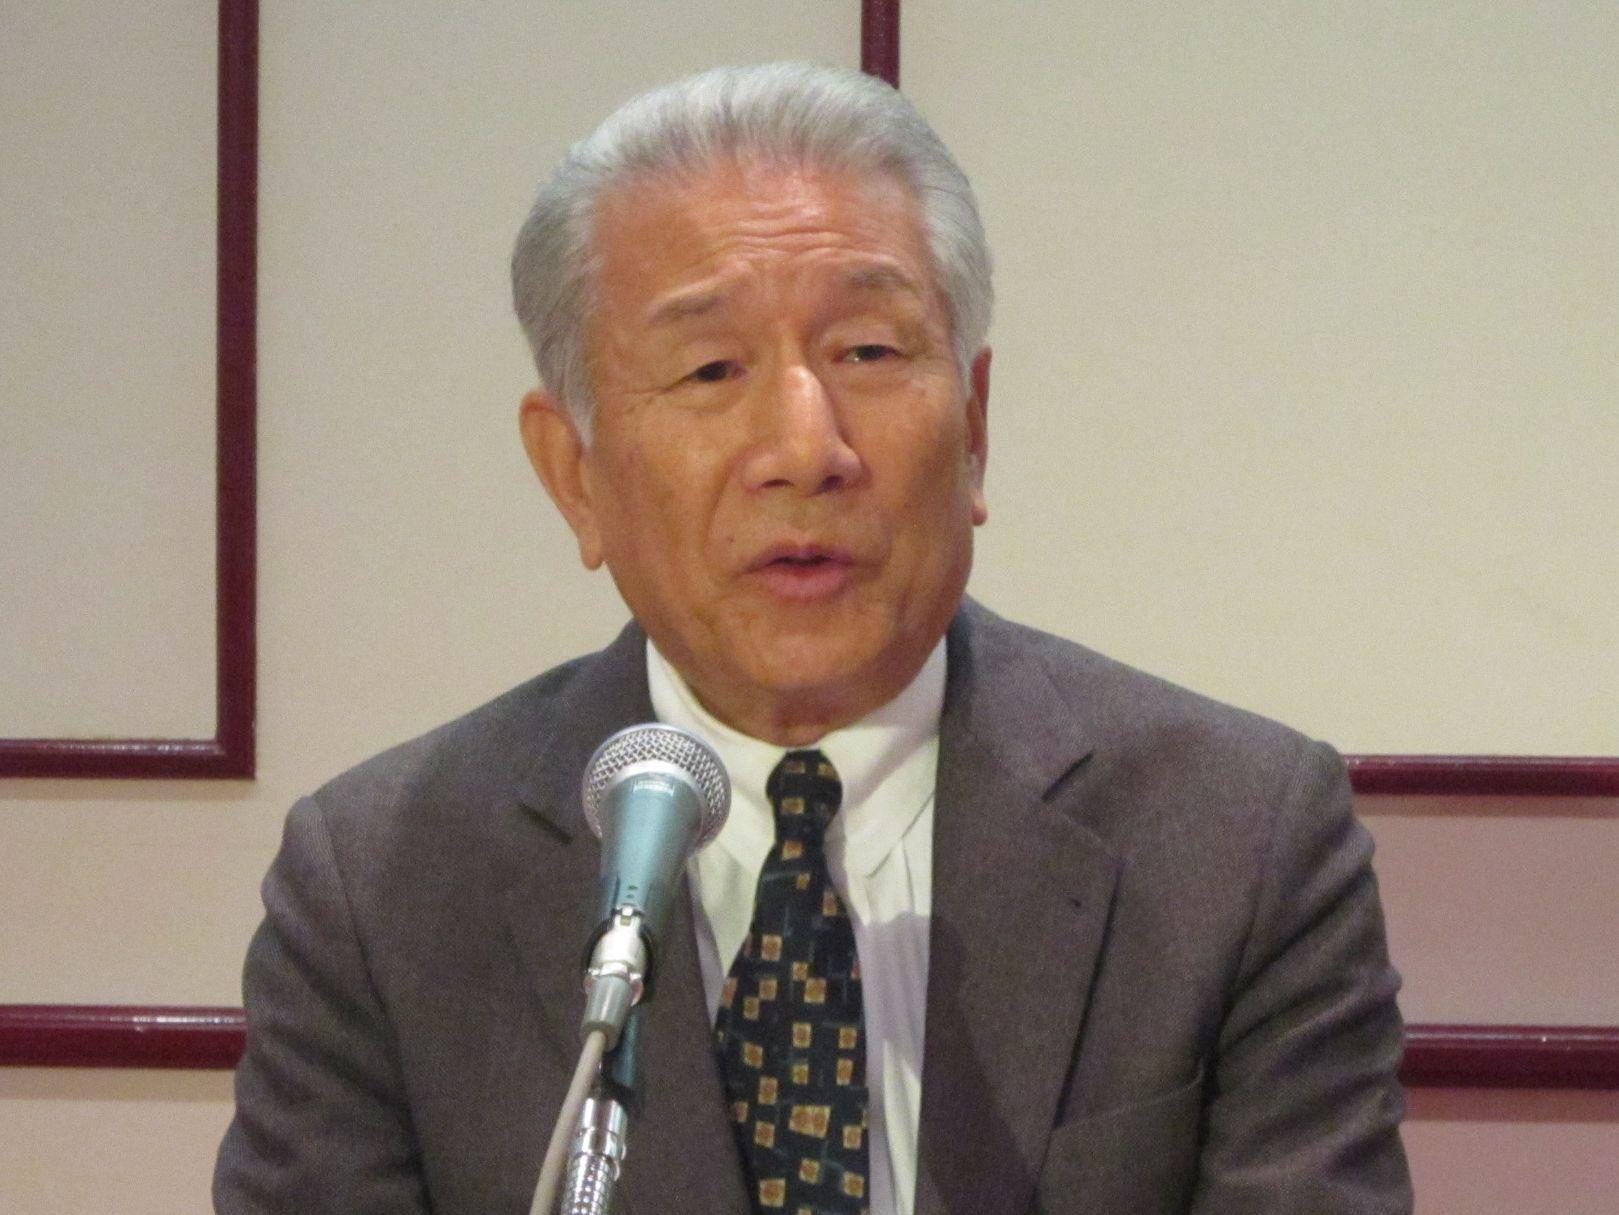 1月11日に定例記者会見に臨んだ、日本慢性期医療協会の武久洋三会長